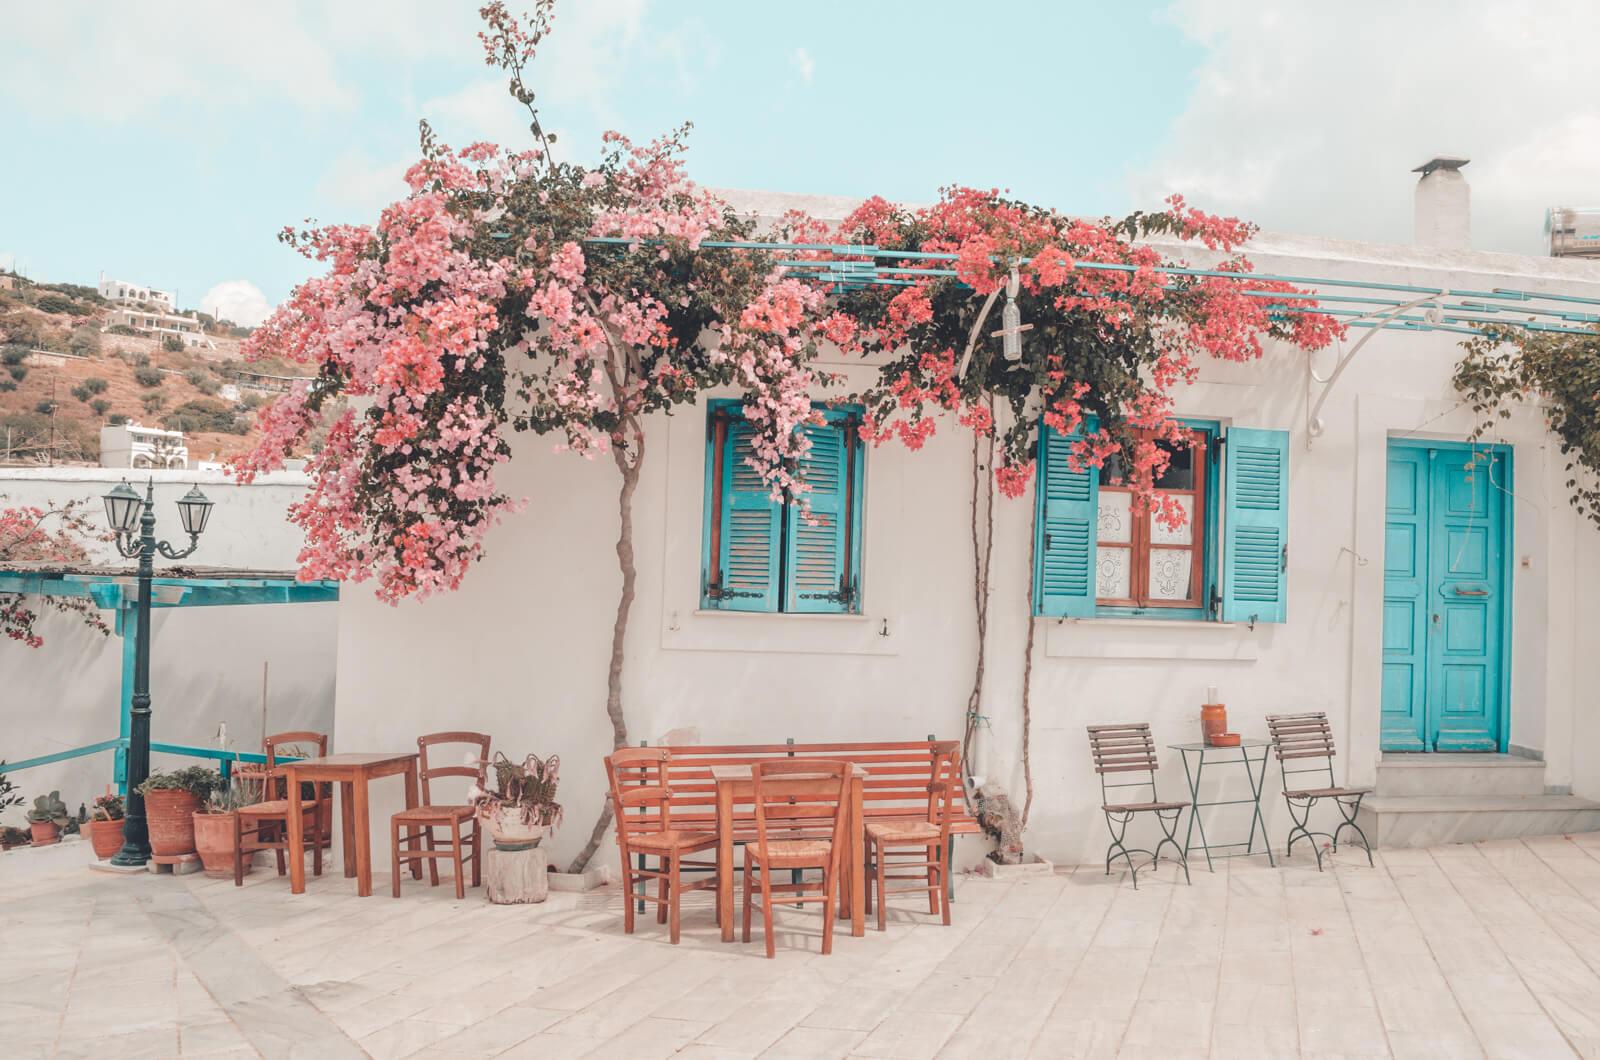 paros-cyclades-greece-la-vie-en-blog-all-rights-reserved-204